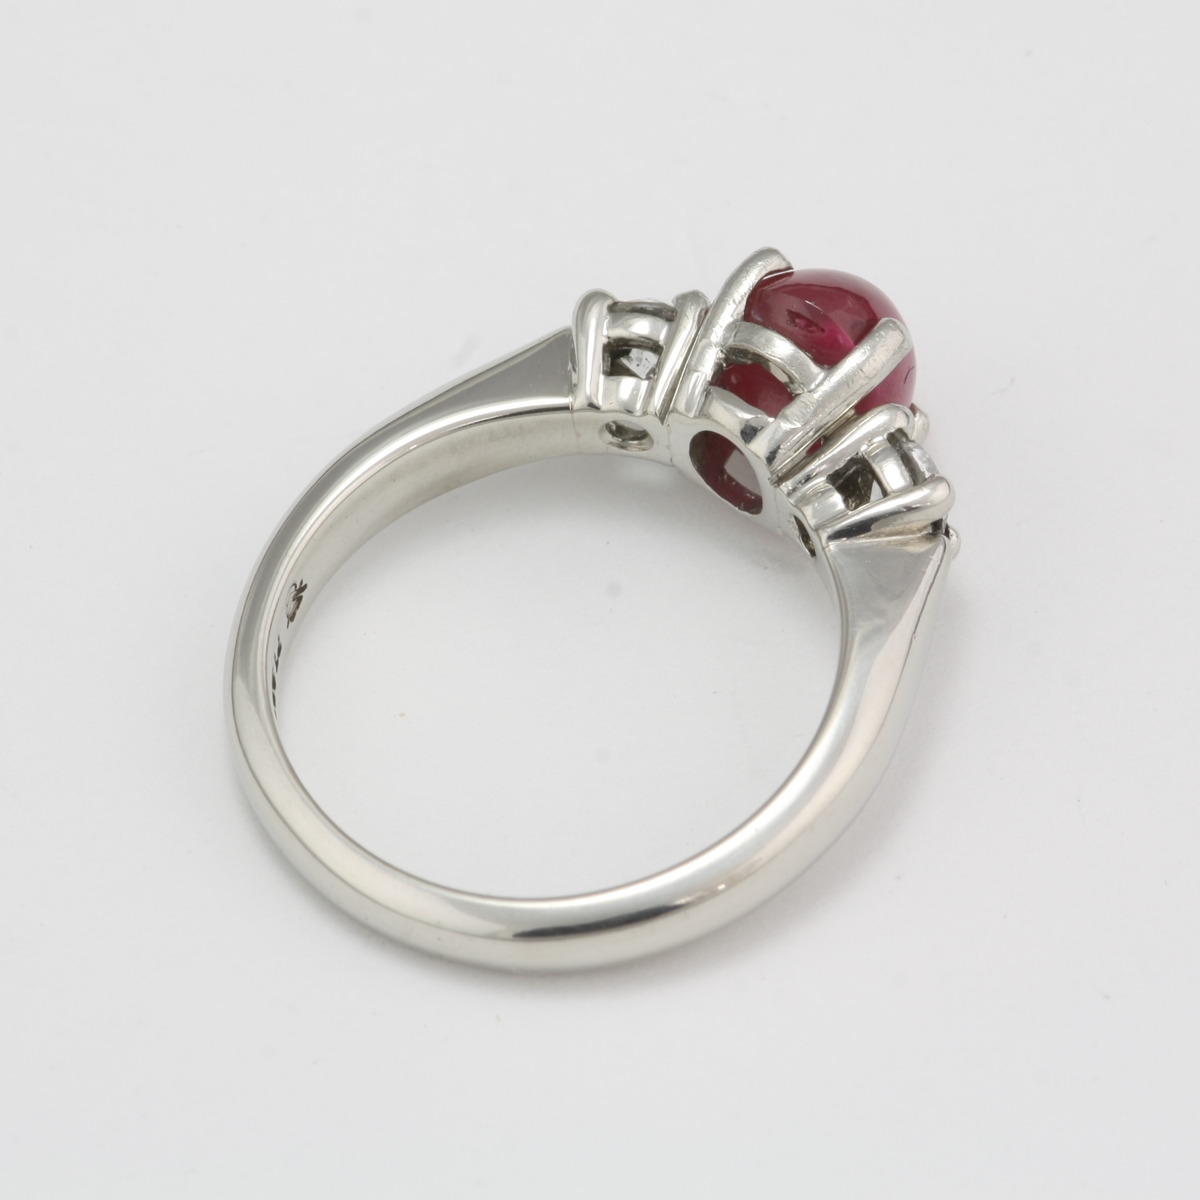 Peridot Weding Rings 013 - Peridot Weding Rings